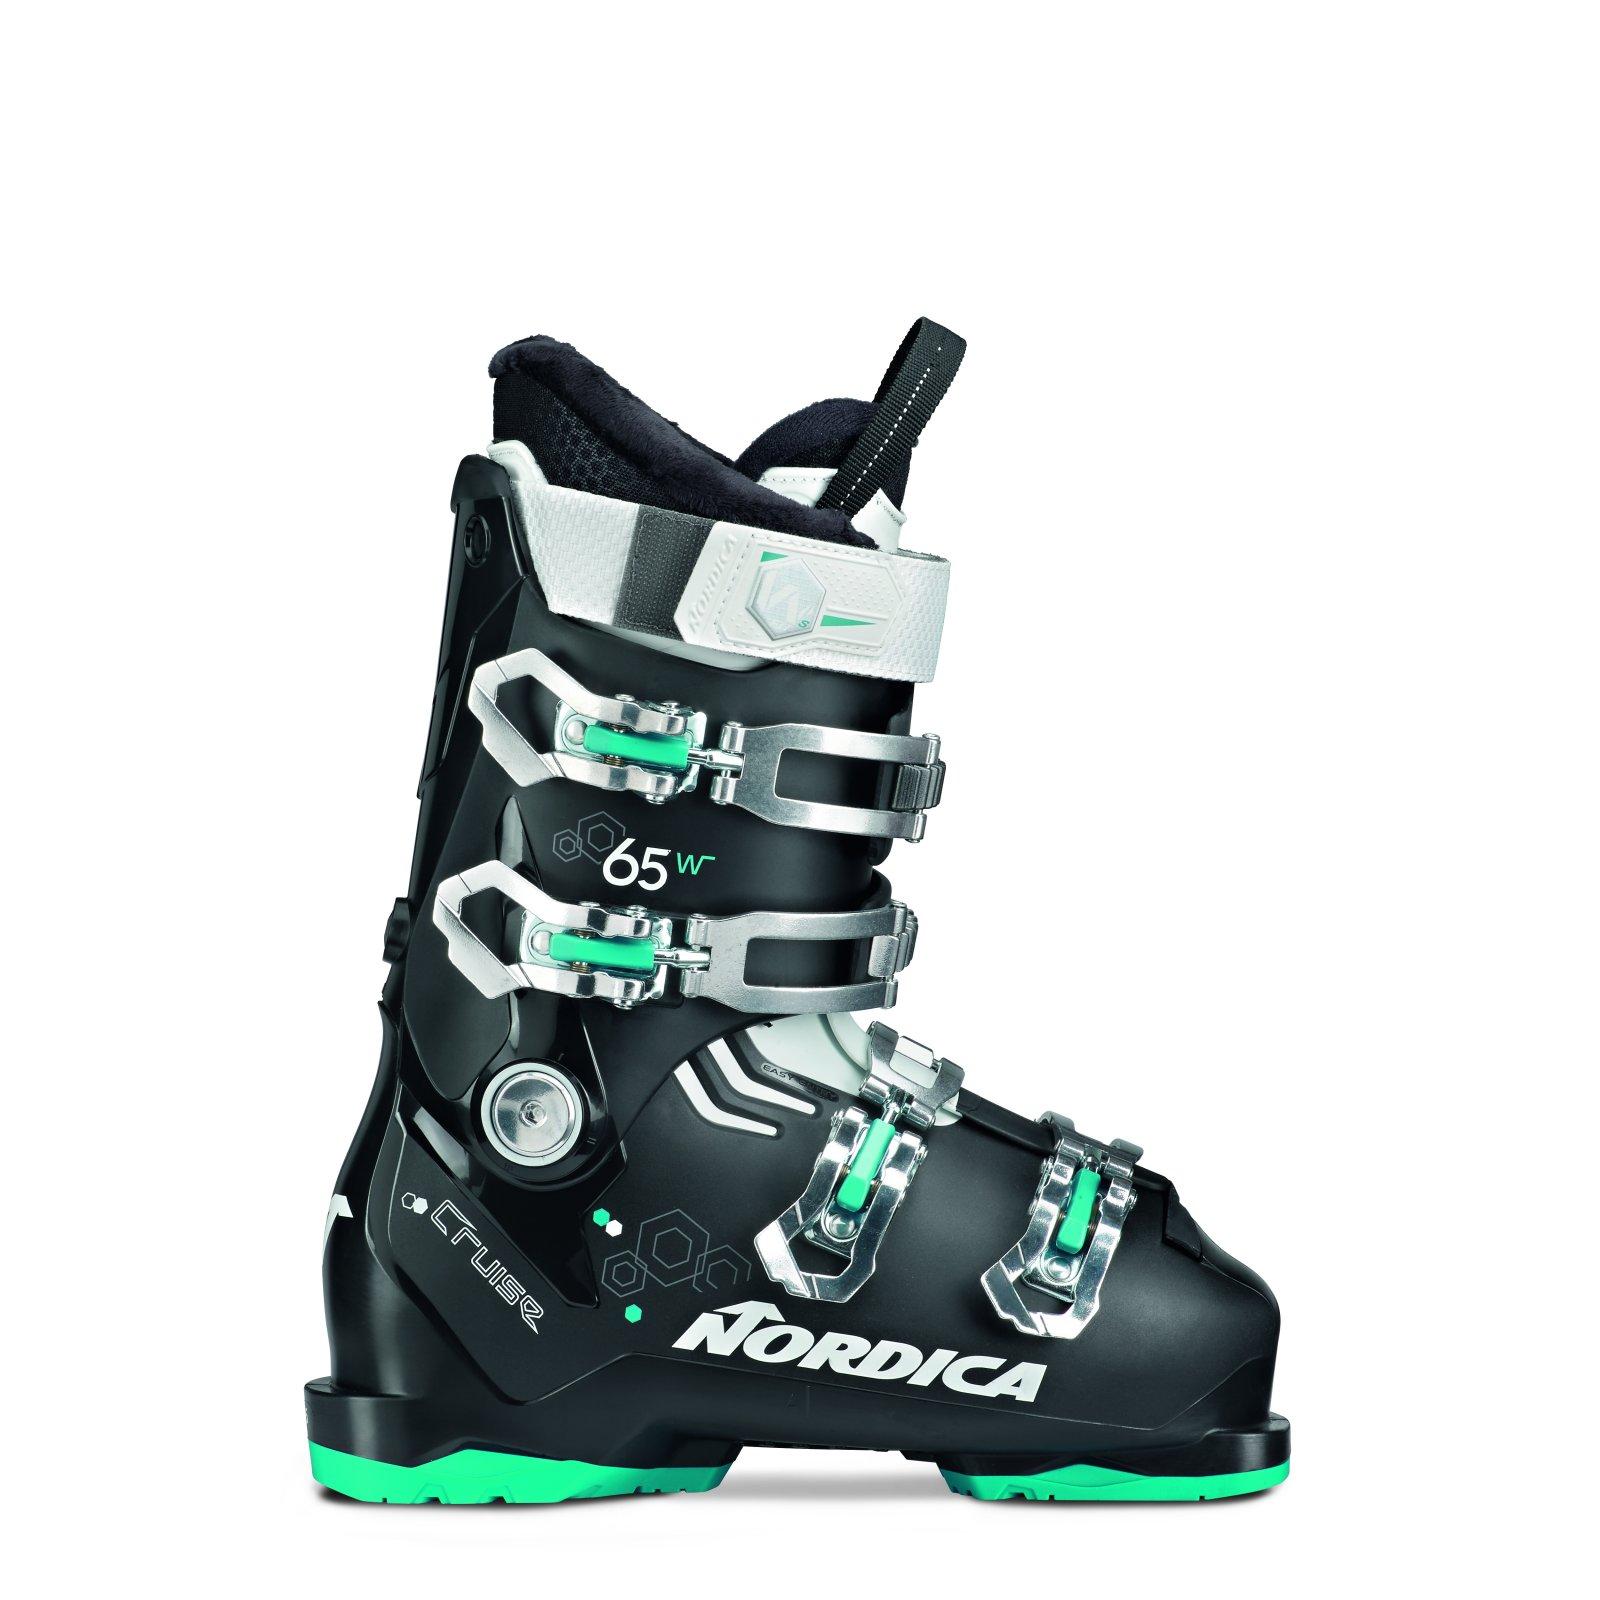 2021 Nordica Cruise 65 Women's Ski Boots